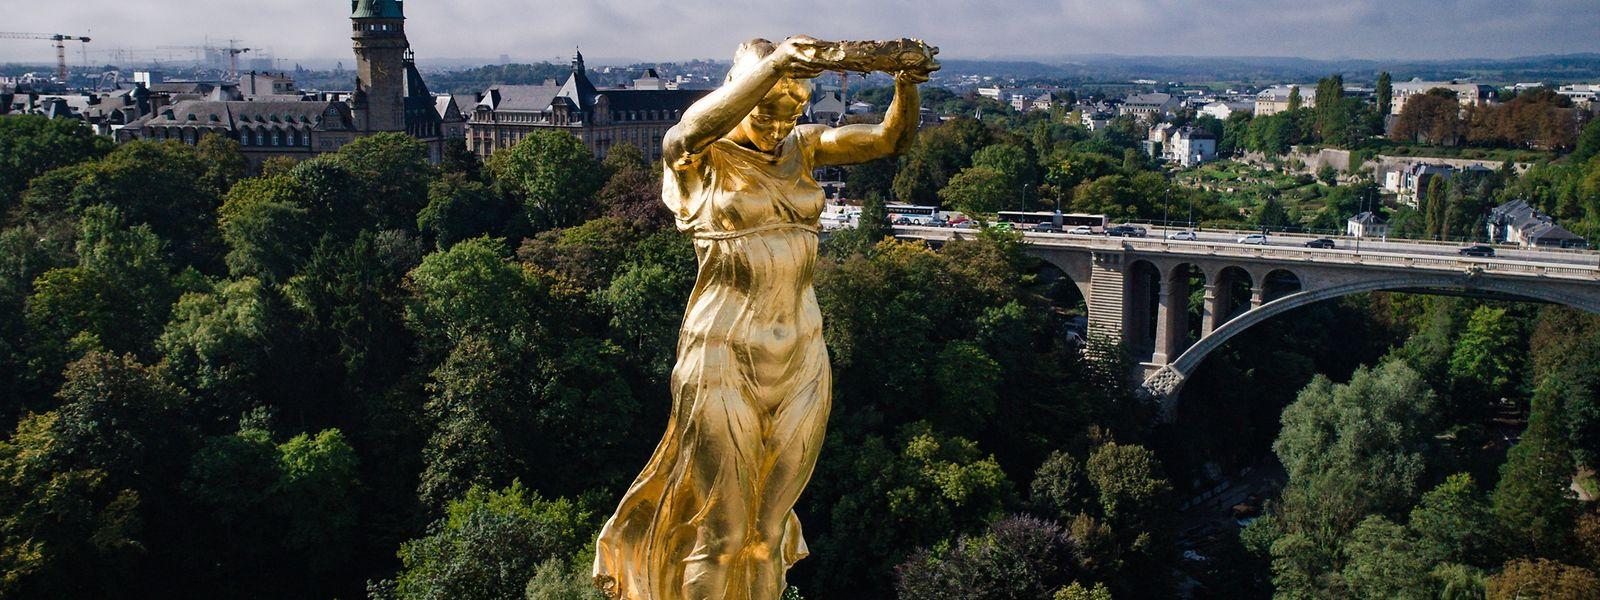 Die Gëlle Fra steht für die Unabhängigkeit des Landes.